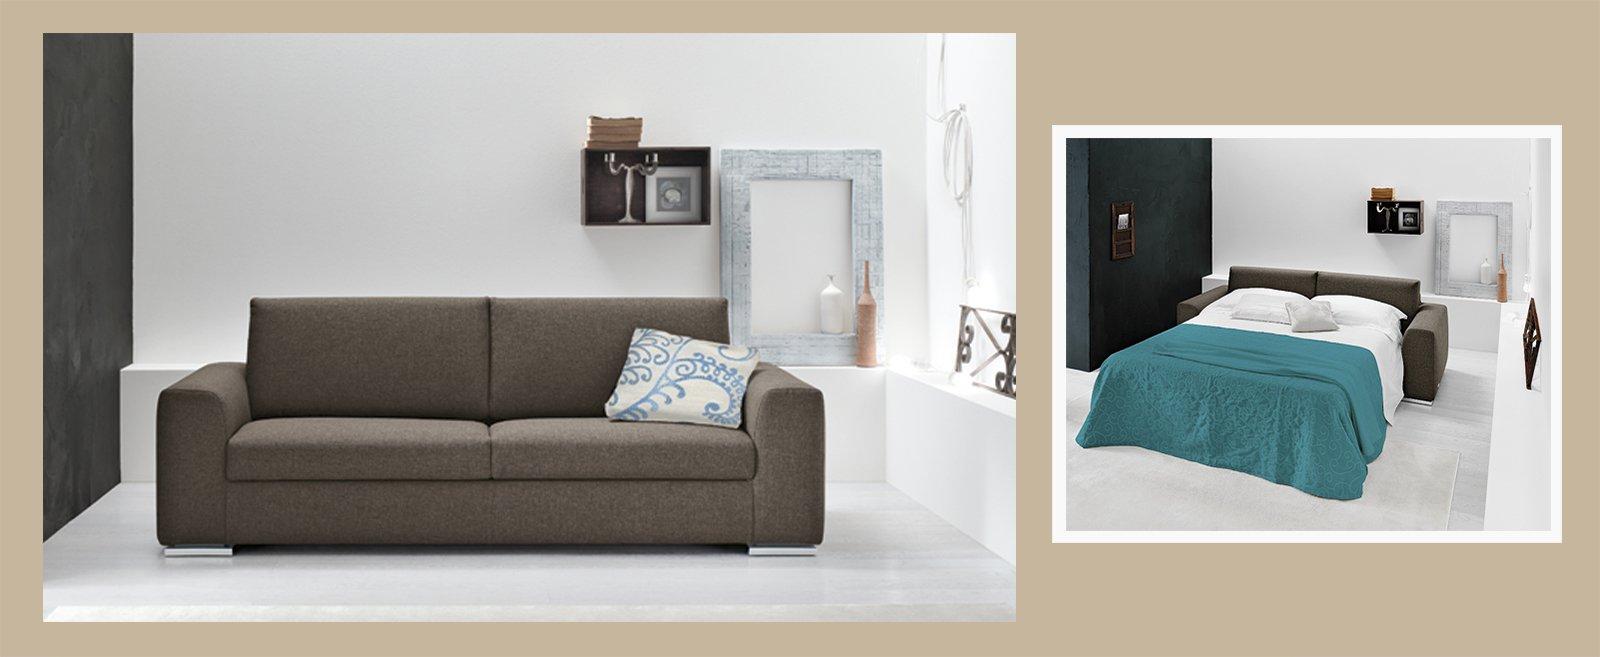 Divano o letto imbottiti trasformabili cose di casa for Divano senza schienale